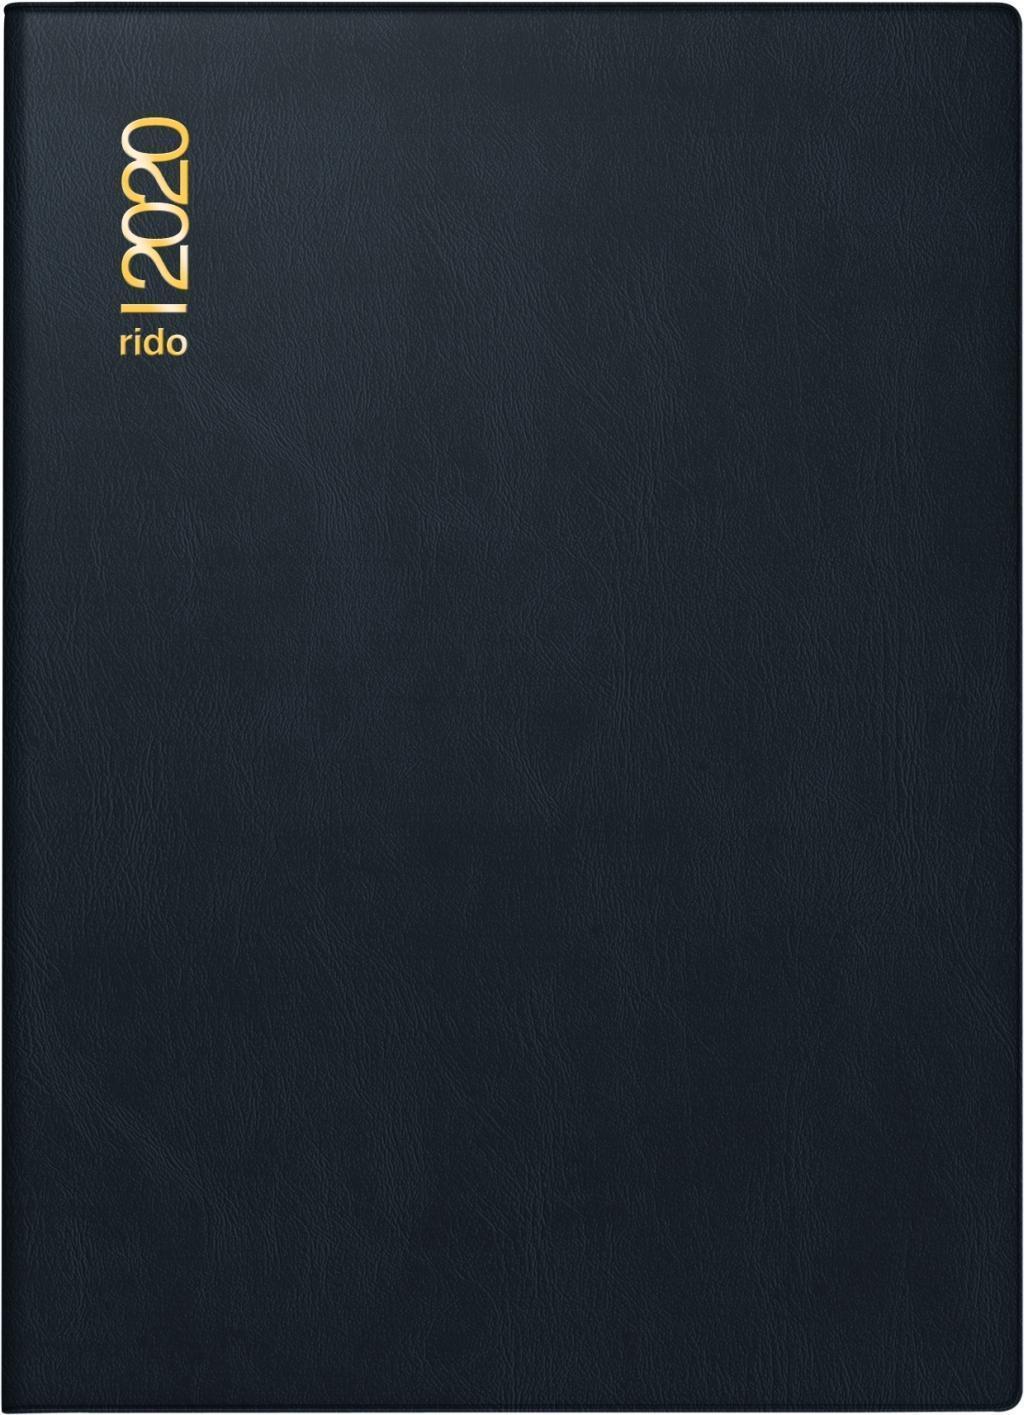 BRUNNEN 1079561021 Buchkalender Modell 795 Balacron-Einband blau 14,5 x 20,6 cm 1 Seite = 1 Tag Kalendarium 2021